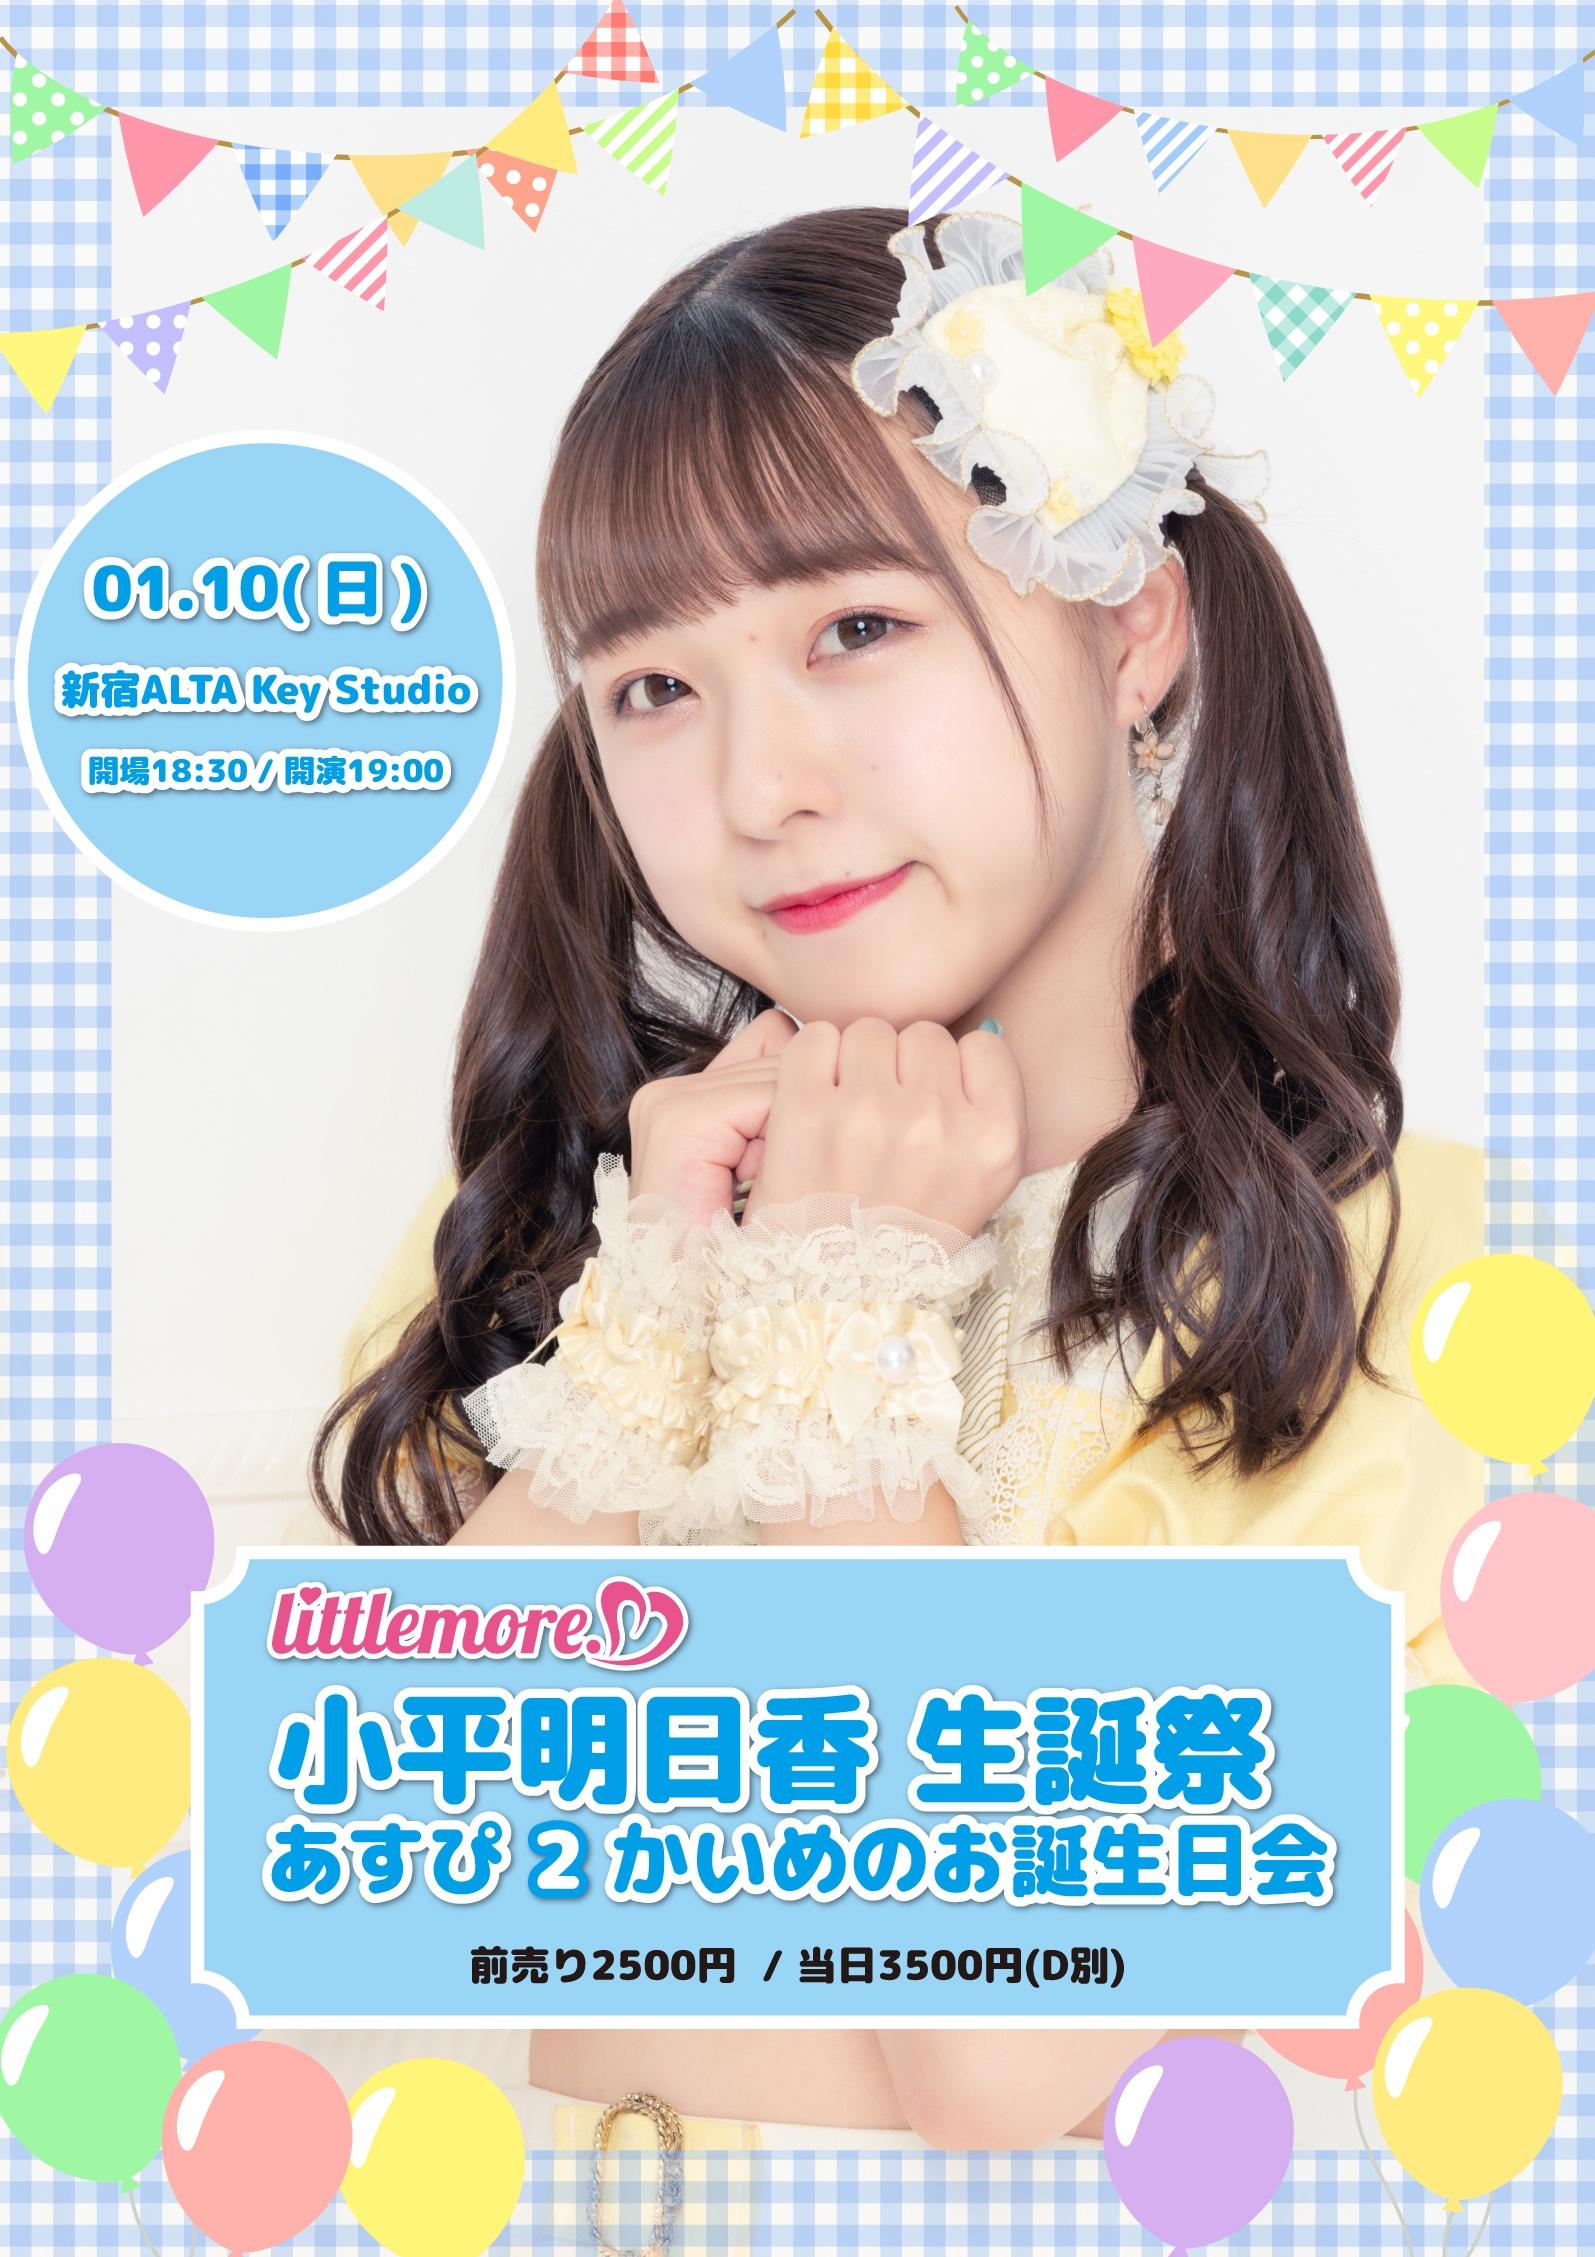 1/10(日) littlemore. 小平明日香 生誕祭 ~あすぴ2かいめのお誕生日会~